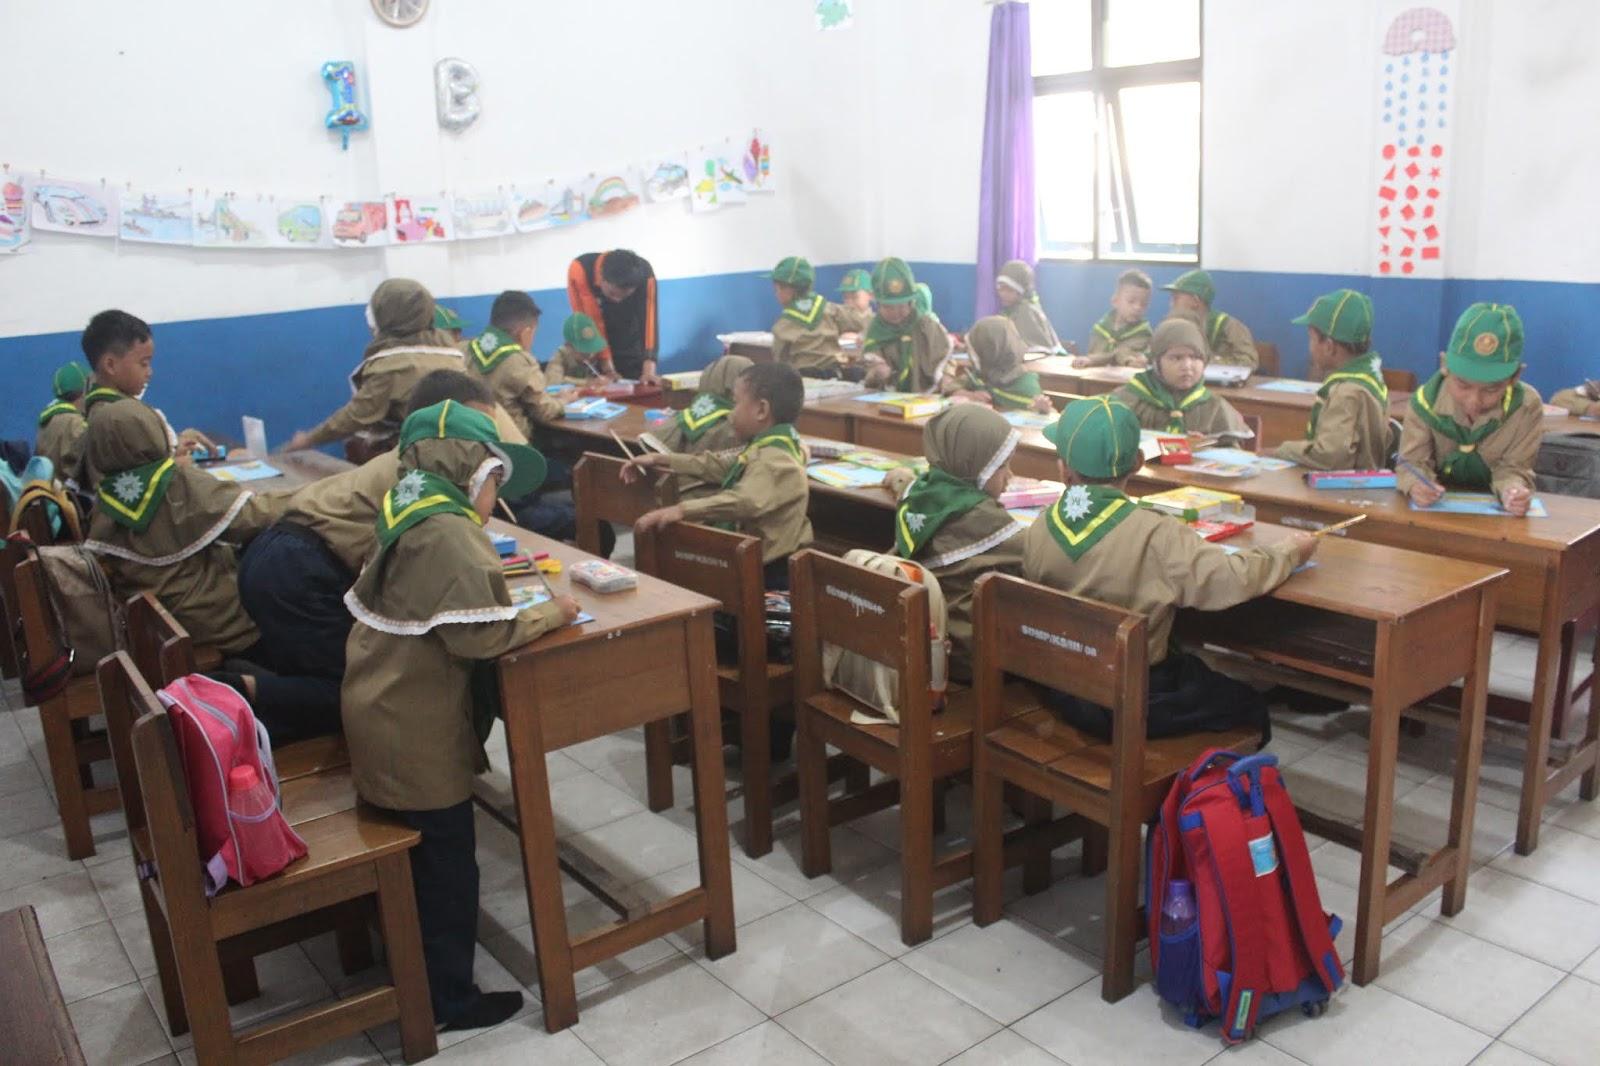 Lomba Mewarnai Melengkapi Gambar Hilo School Sd Muhammadiyah